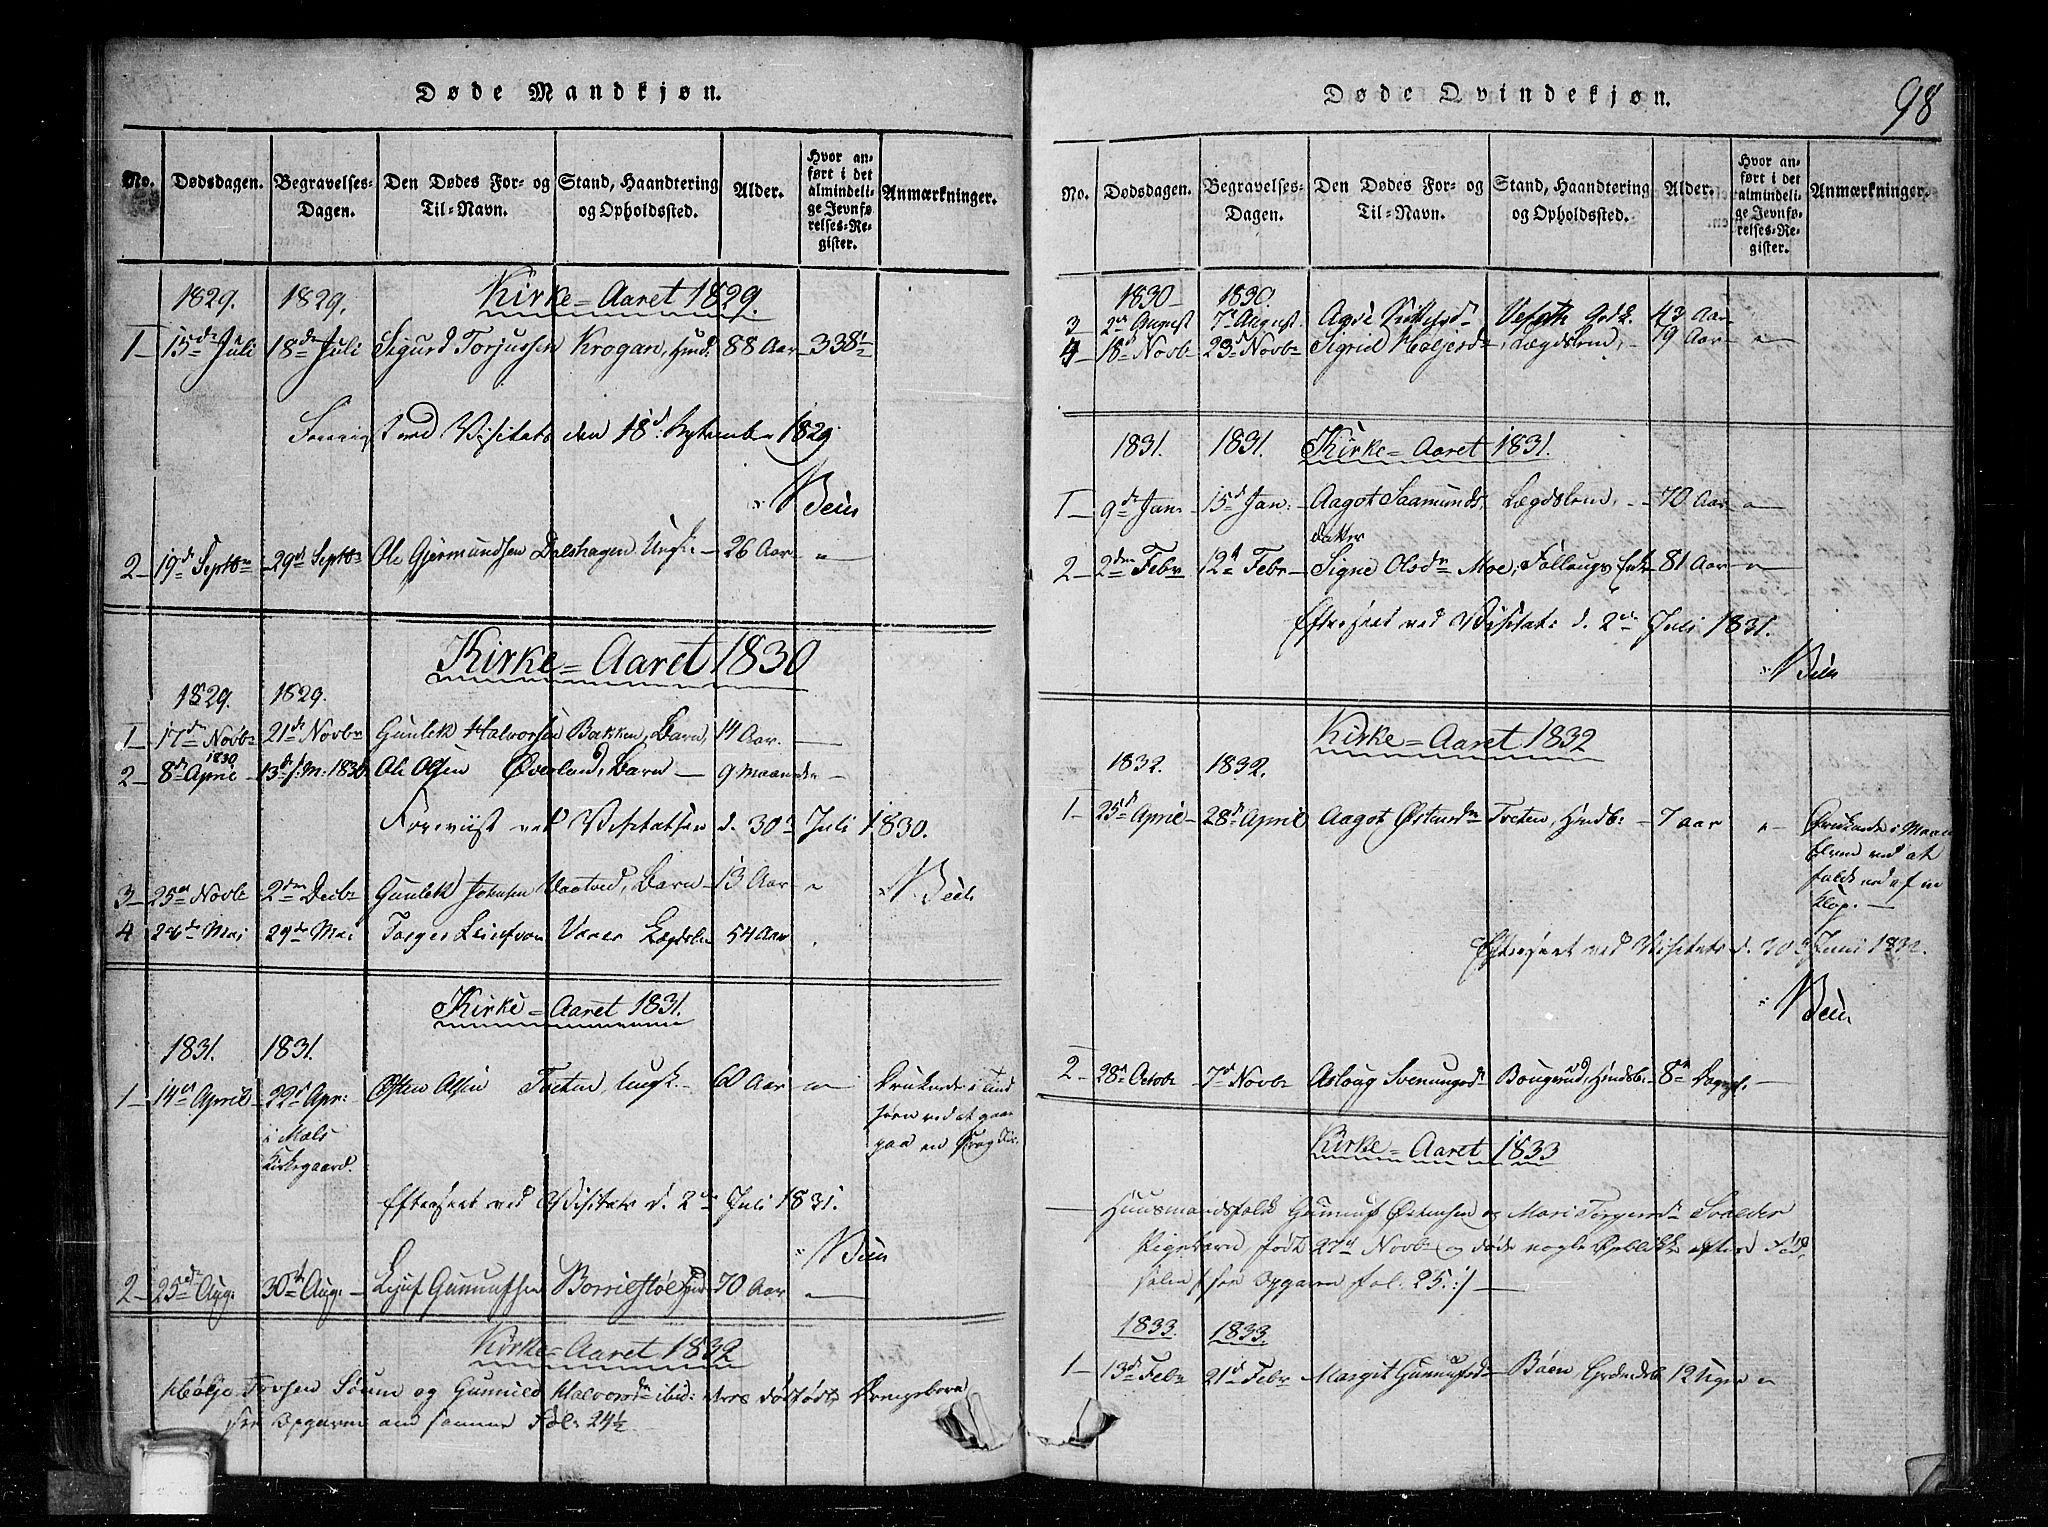 SAKO, Tinn kirkebøker, G/Gc/L0001: Klokkerbok nr. III 1, 1815-1879, s. 98